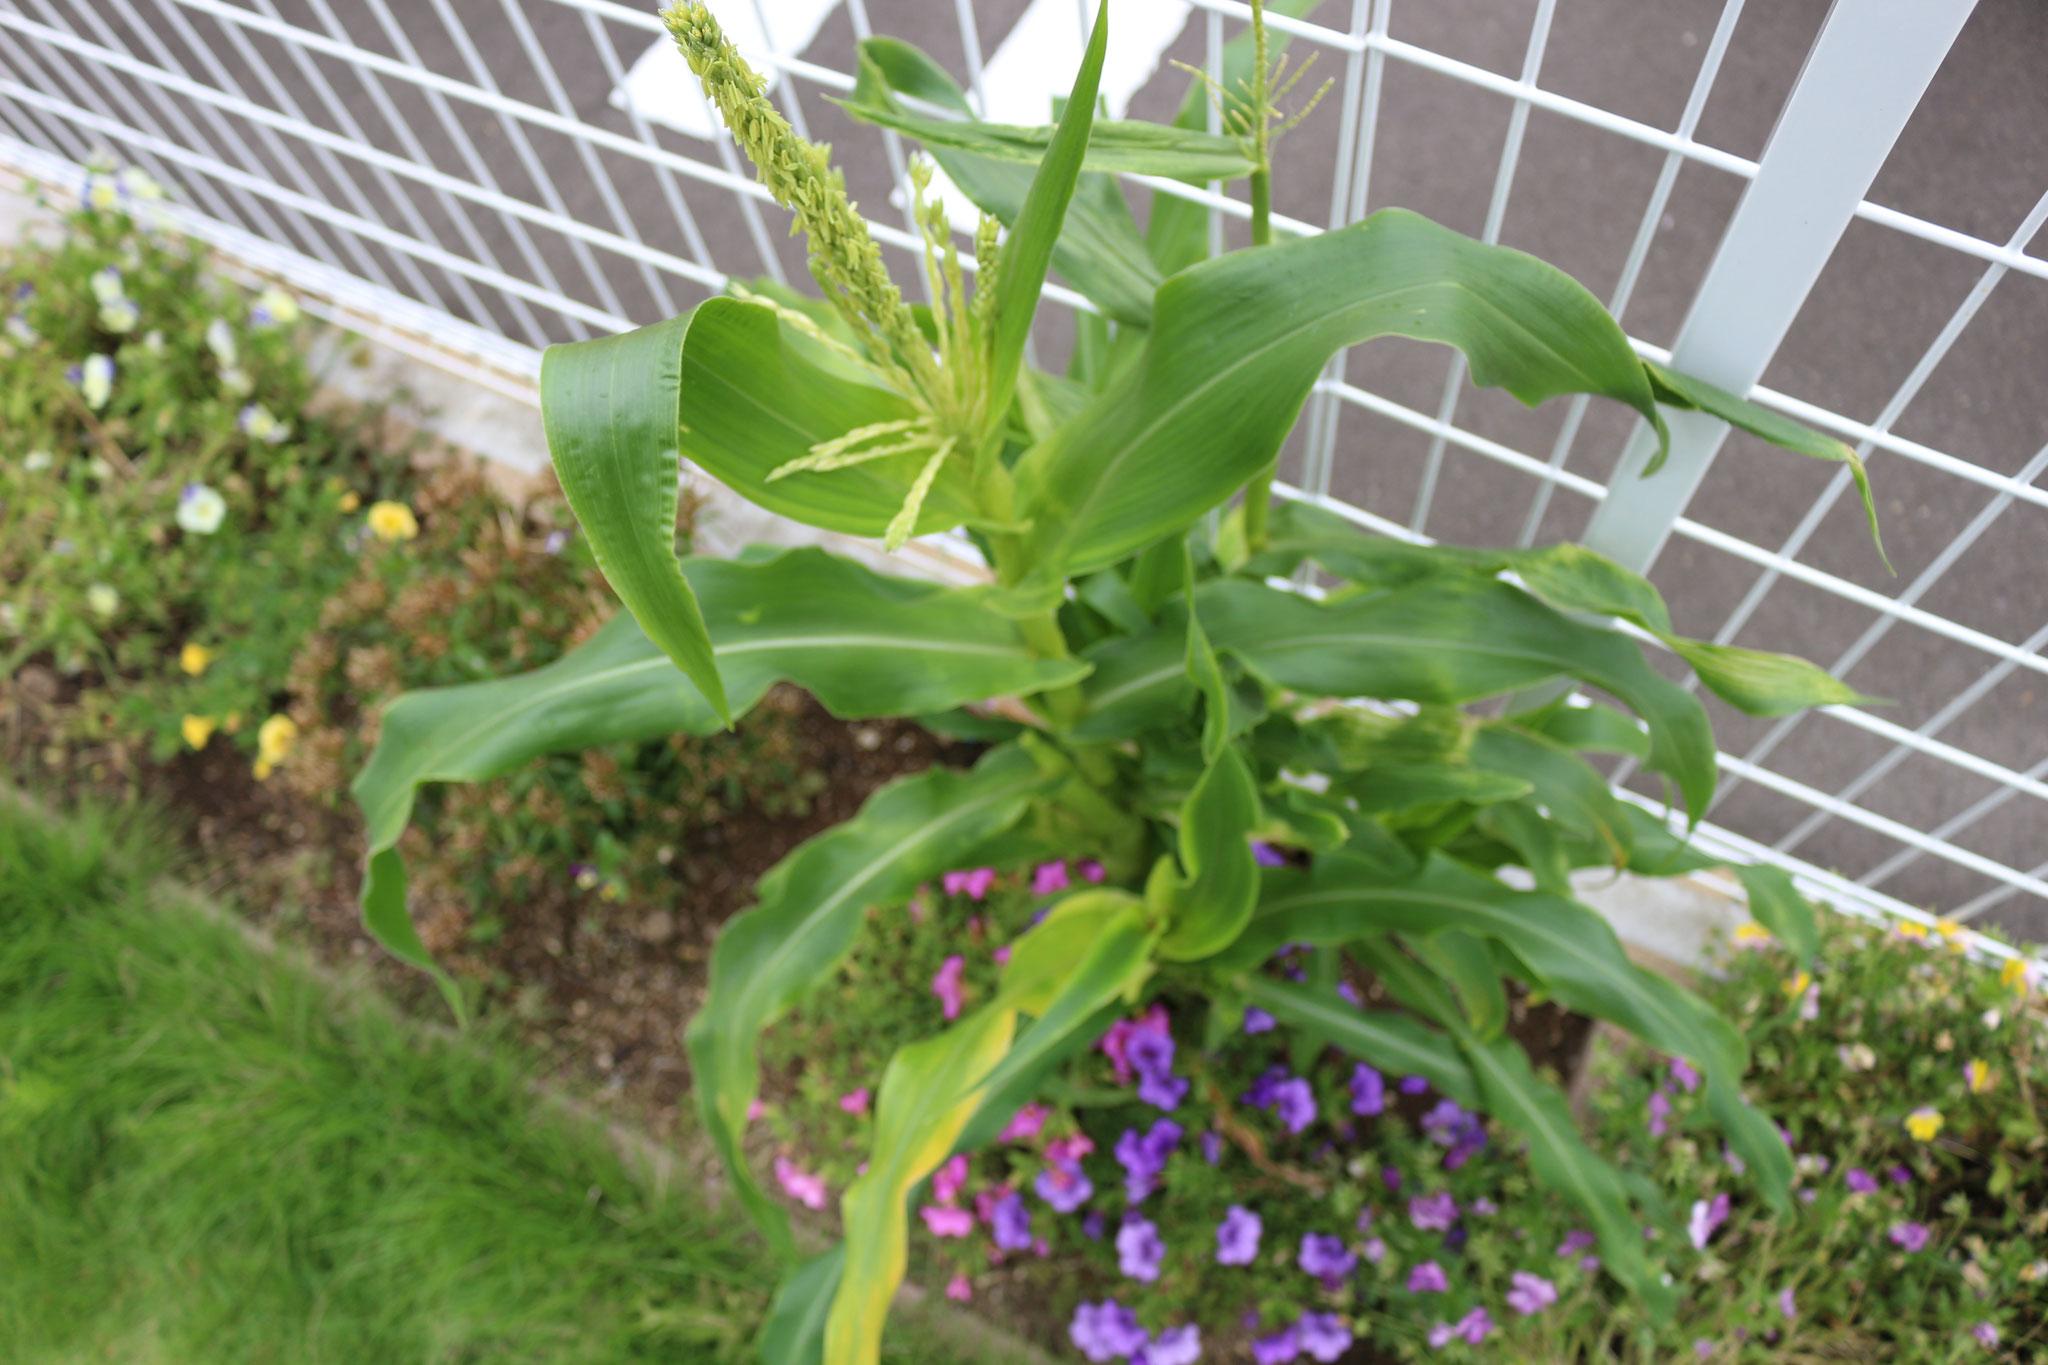 園長の悪戯で植えたトウモロコシですが、、順調に成長しております😲